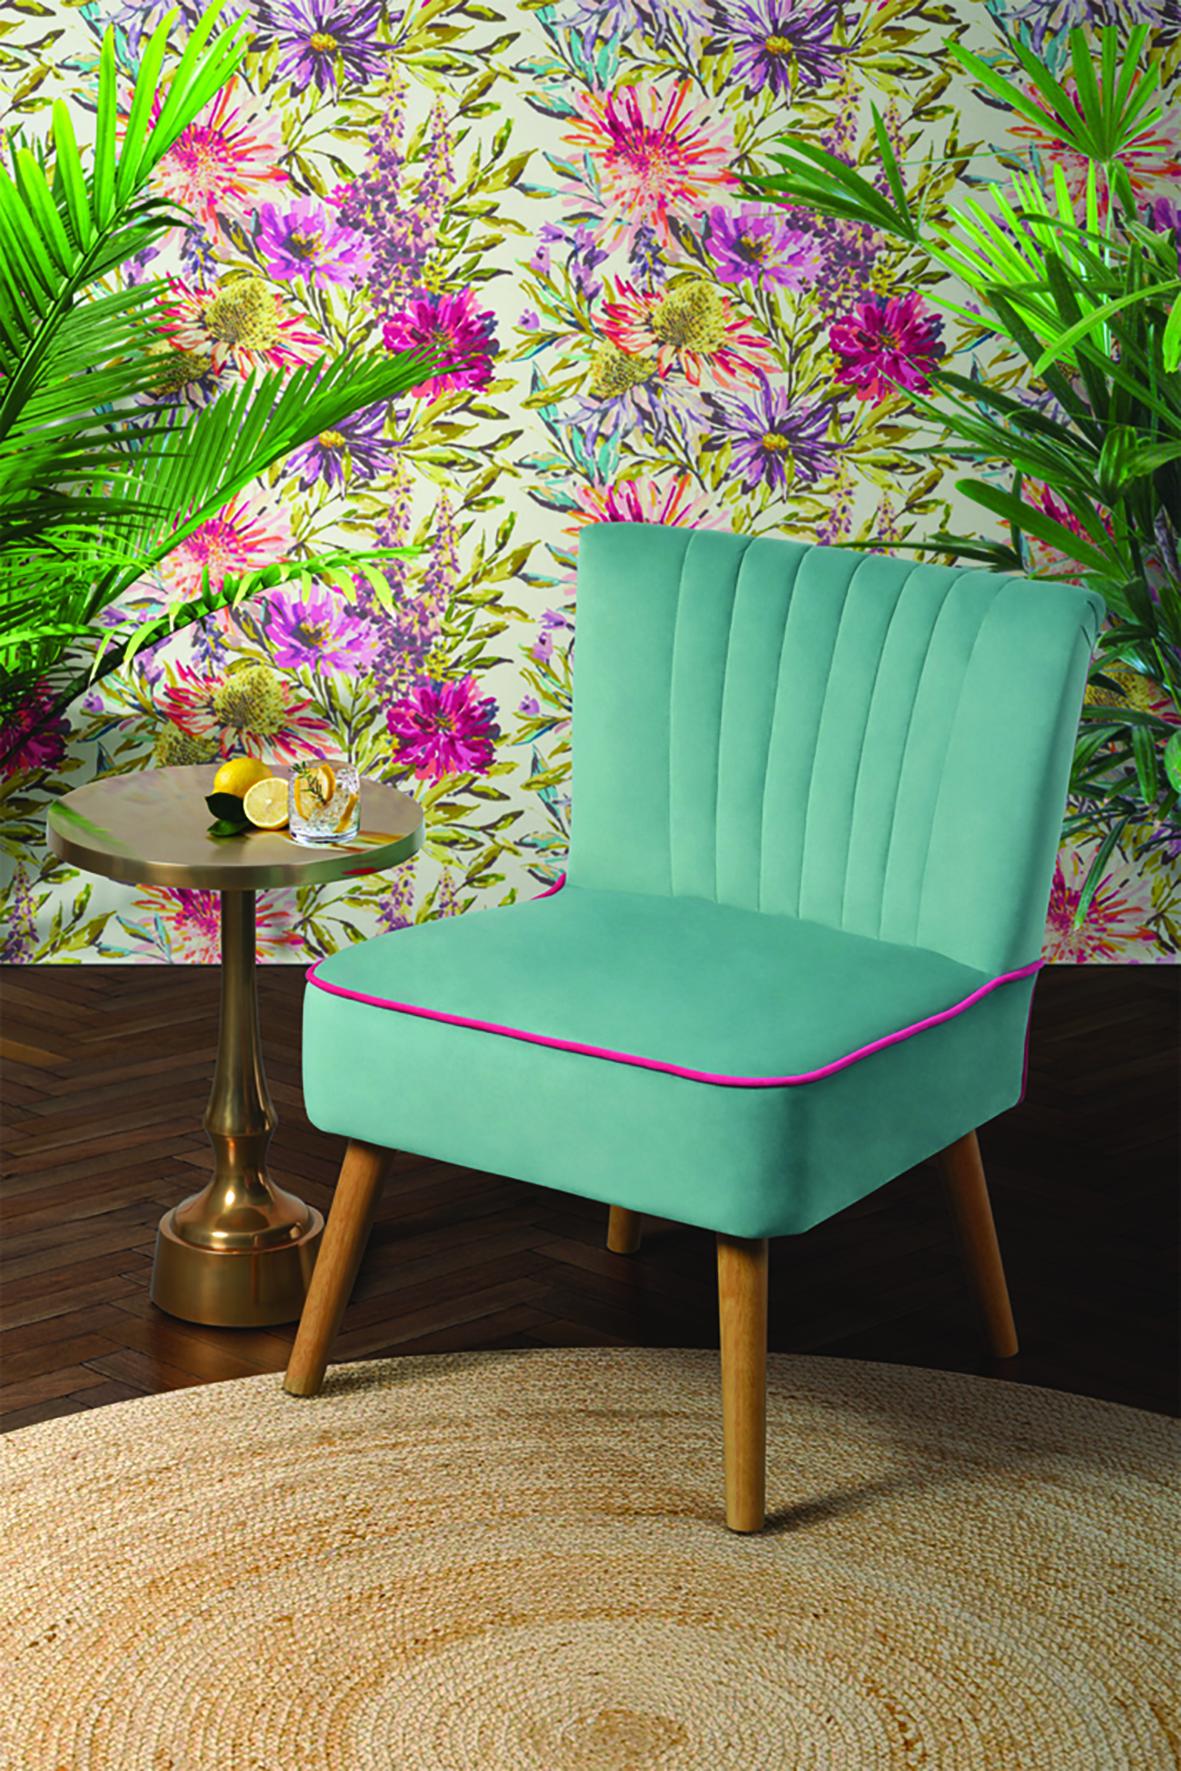 LOLA OYSTER AQUA Retro Chair - MY Furniture